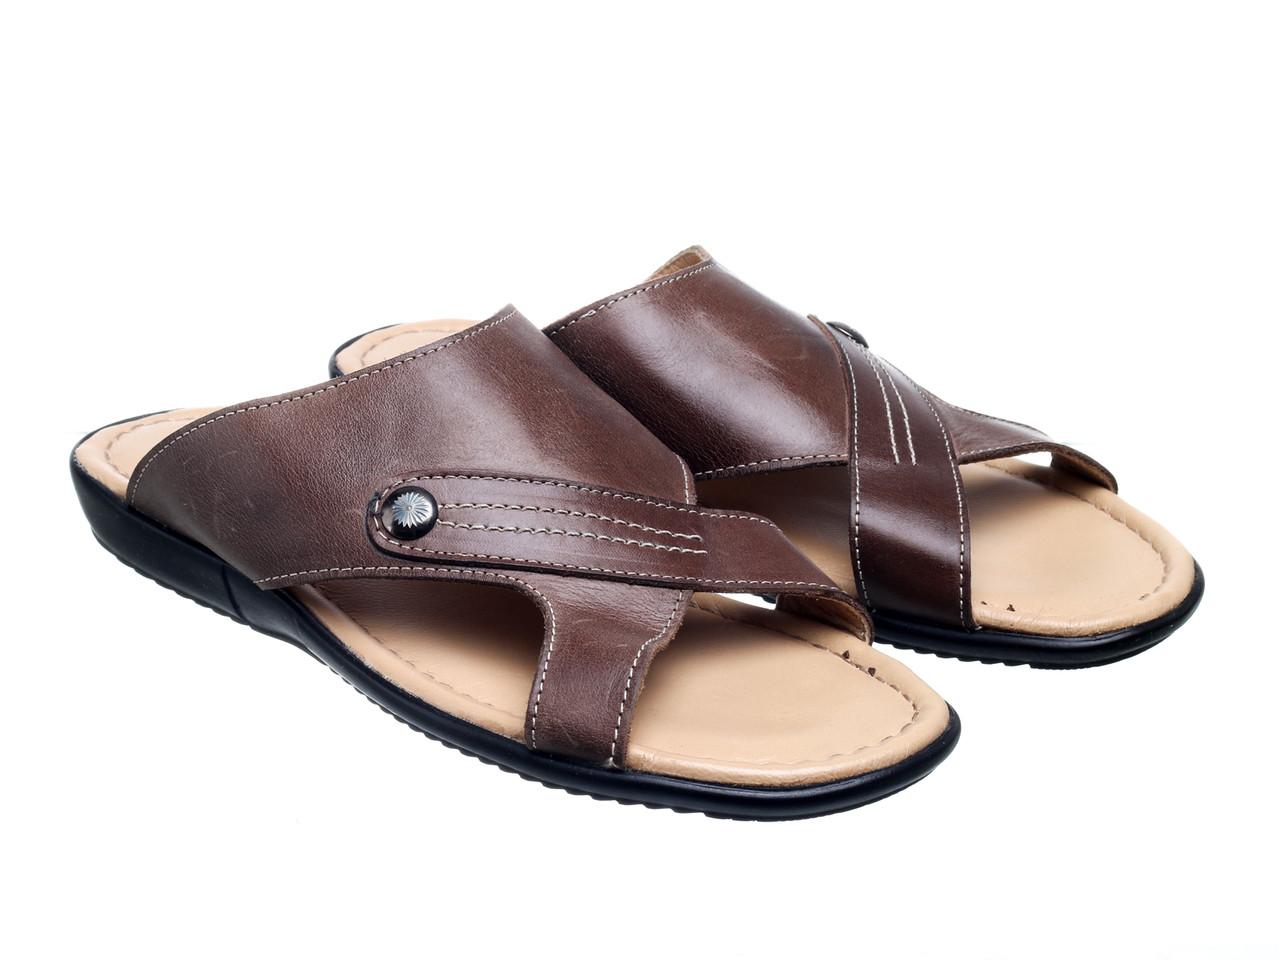 Шльопанці Bertan 715-13203-112 коричневий